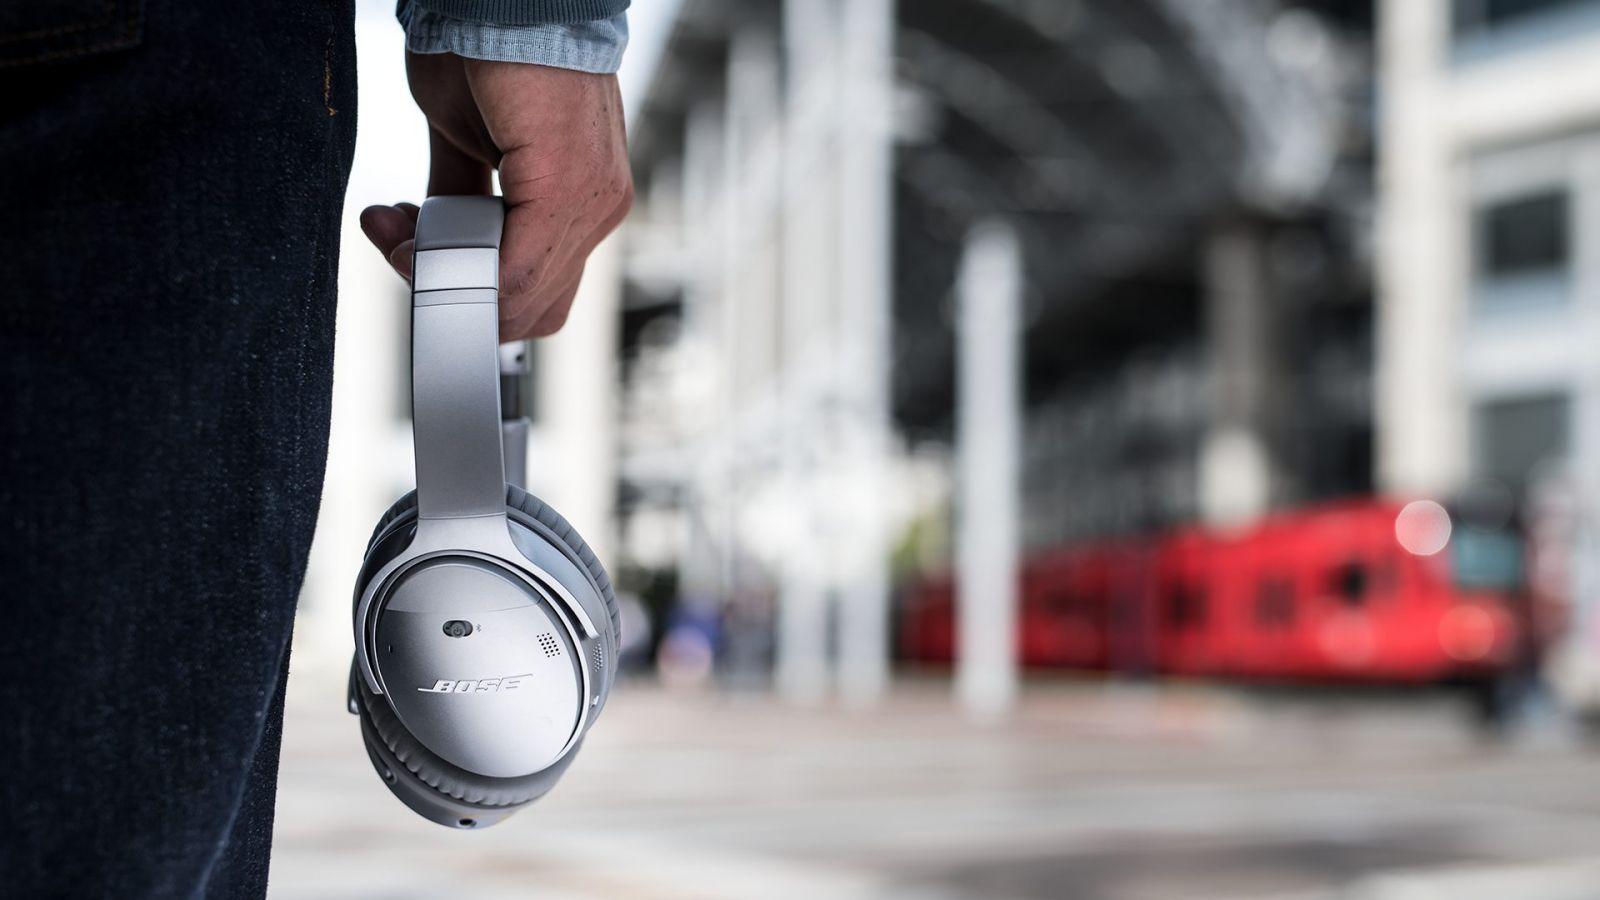 Tai nghe Bluetooth chống ồn Bose QuietComfort 35 II cho thời lượng sử dụng vượt trội